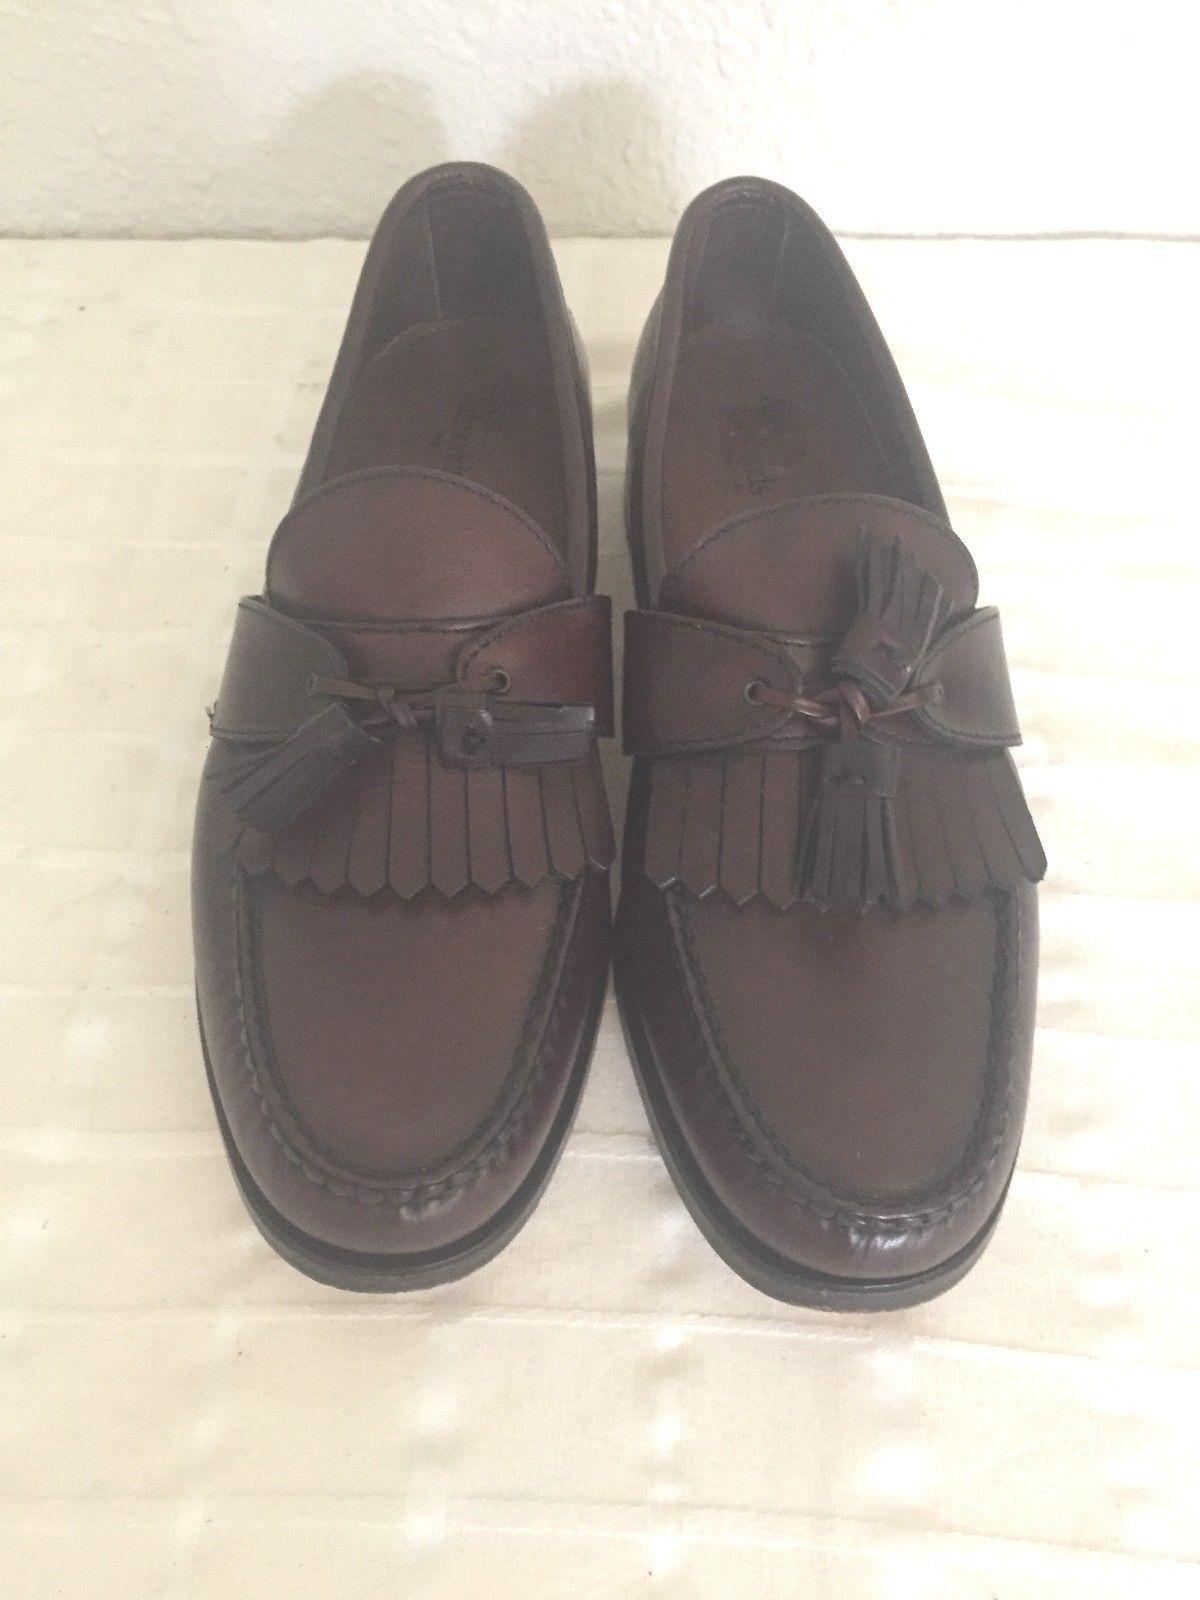 Allen Edmonds Enfield Burgundy Cordovan Kiltie Tassle Men's Loafers 10C USA Made